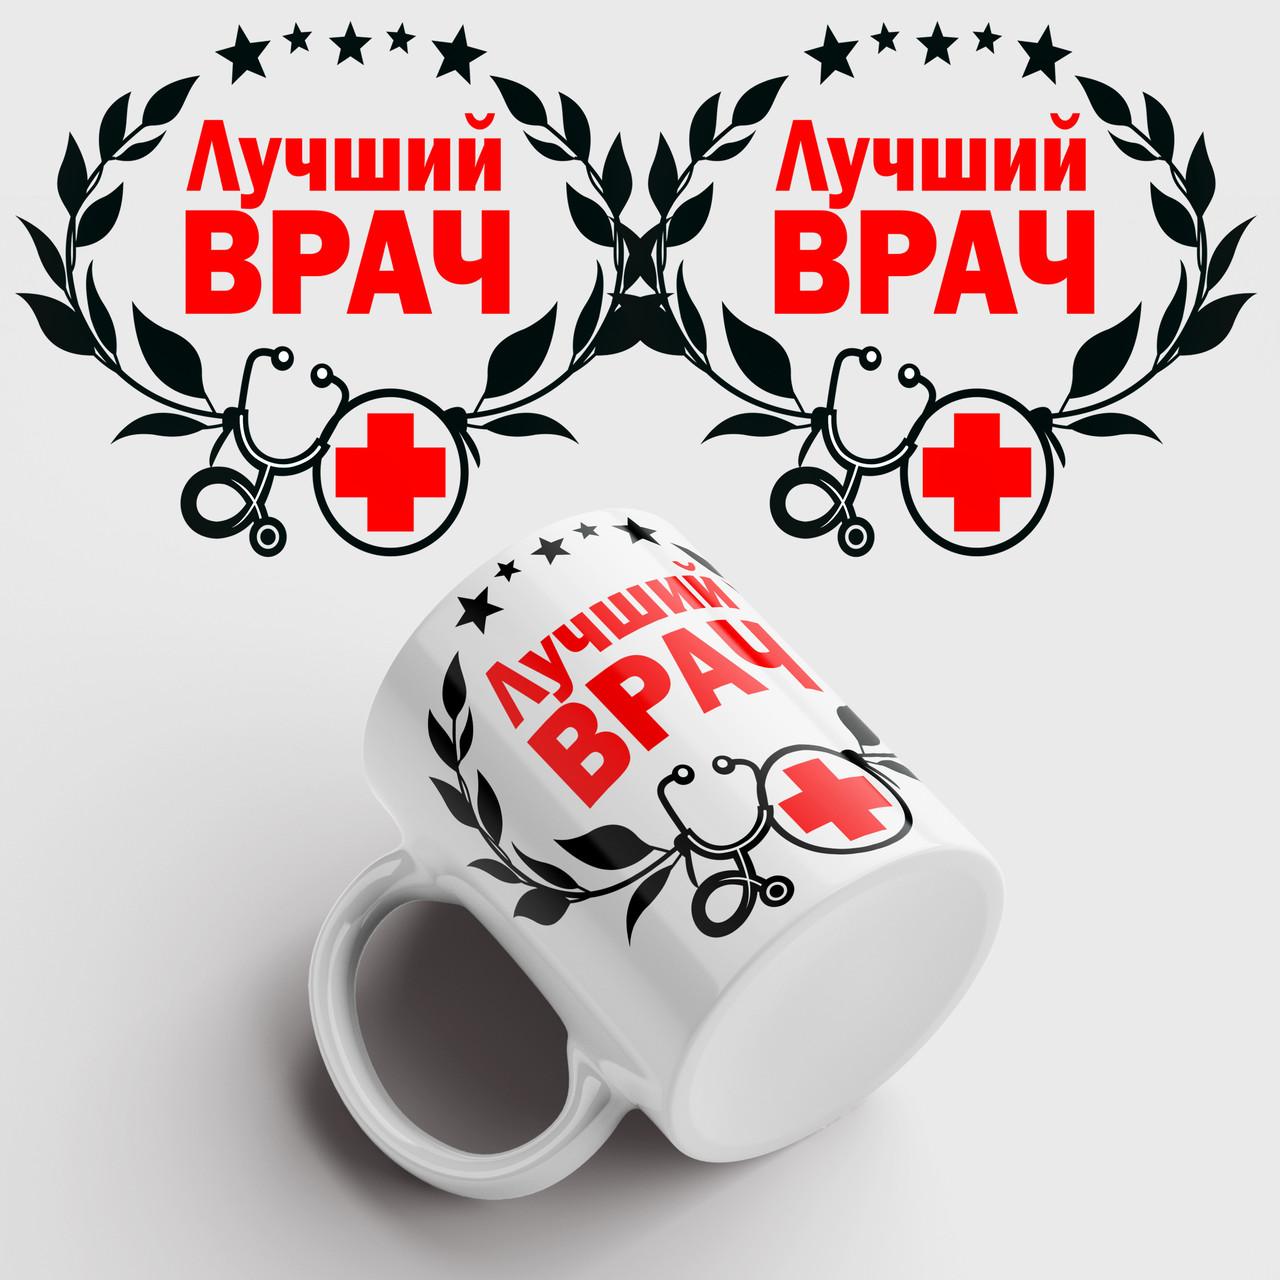 Чашка подарок врачу. Кружка с принтом Лучший врач. Чашка с фото